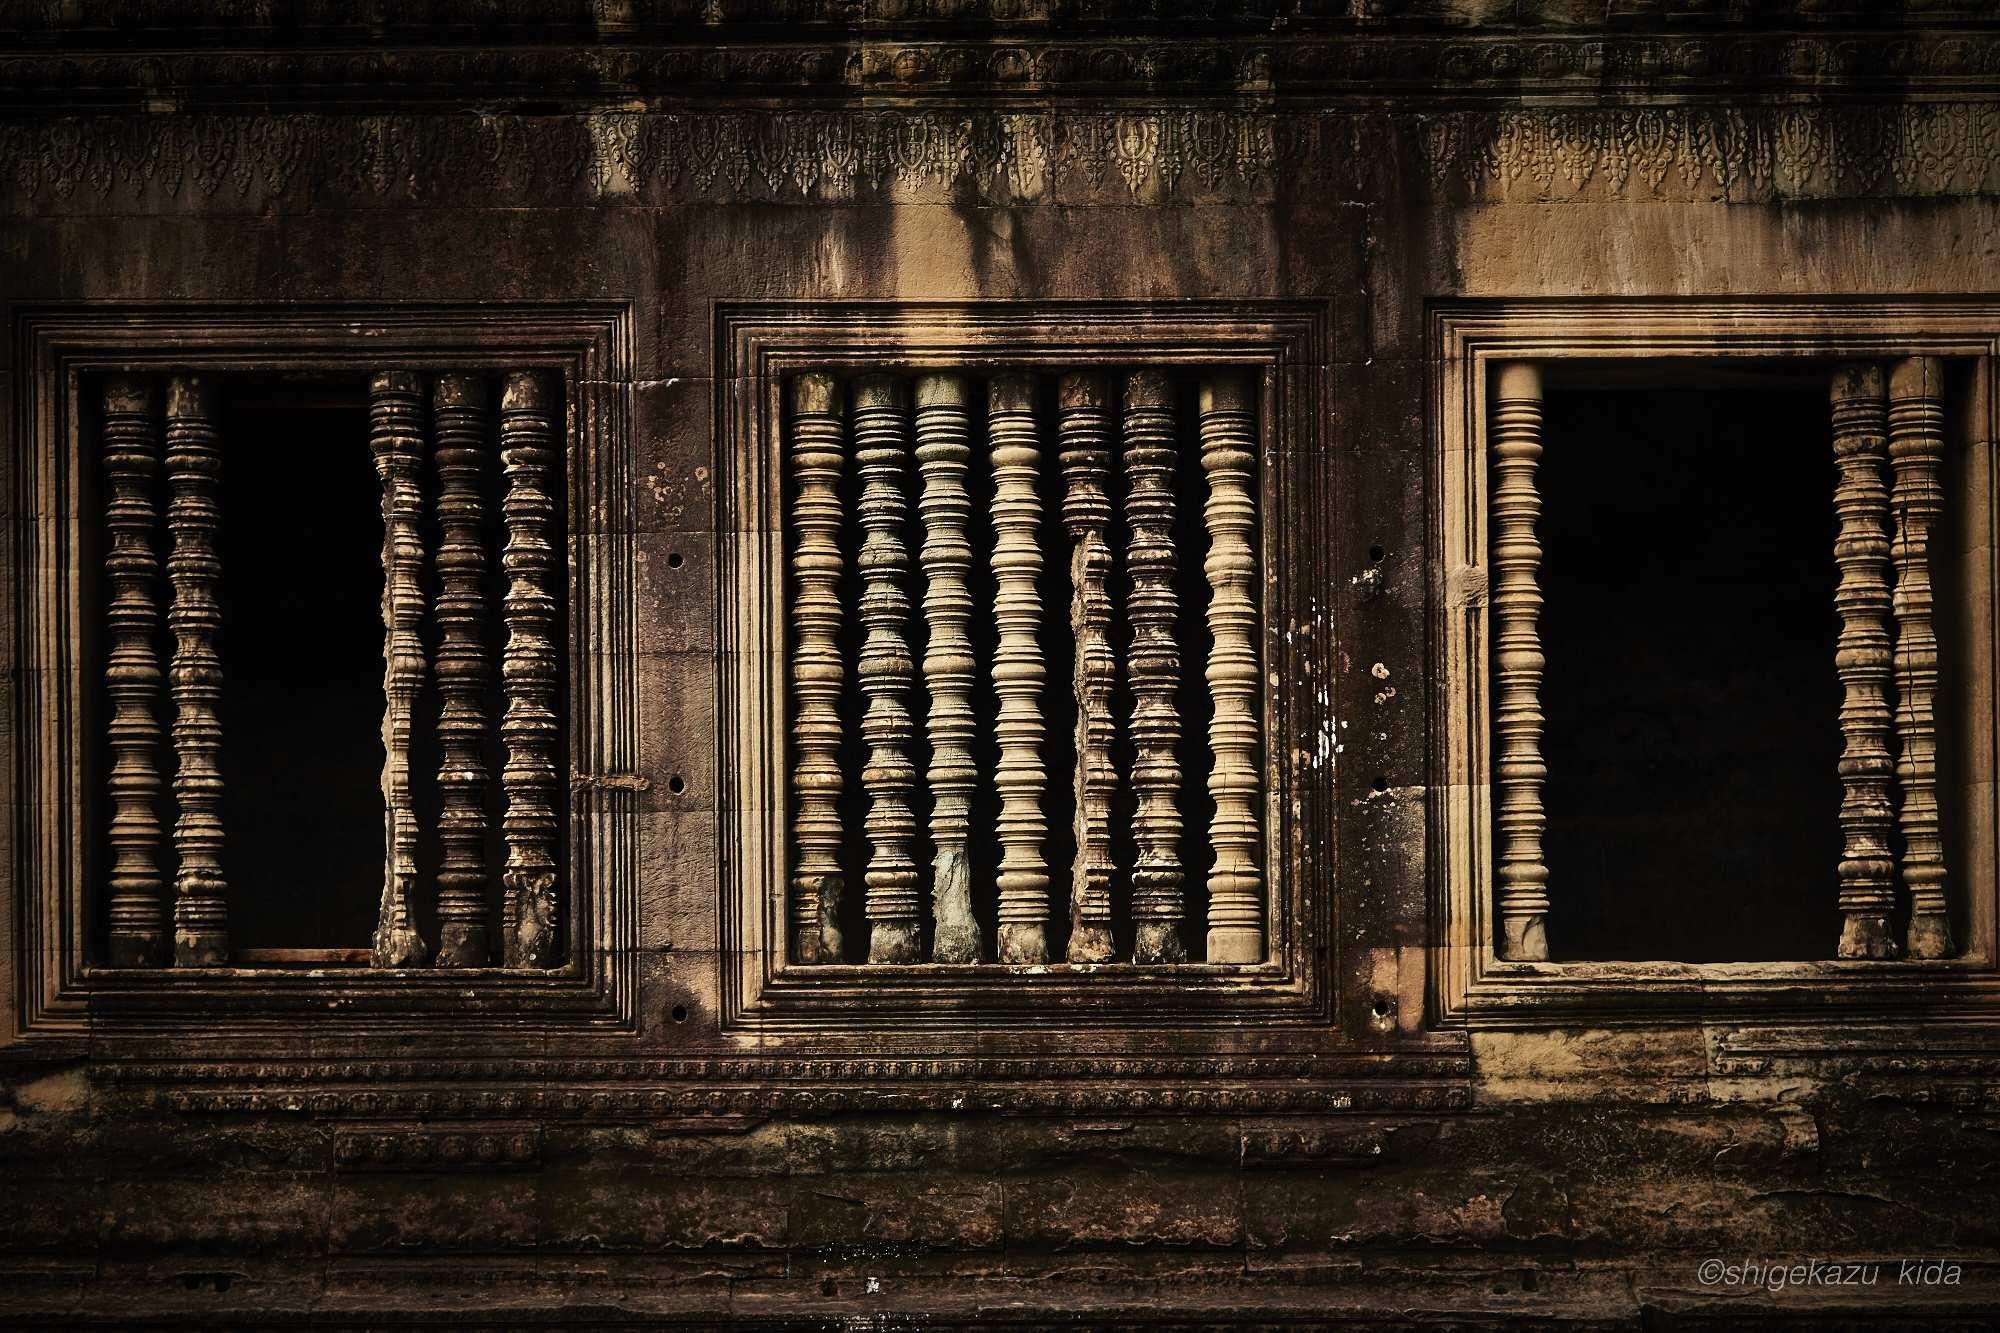 Angkor(アンコール)遺跡群にあるAngkorWat(アンコール・ワット)の連子窓